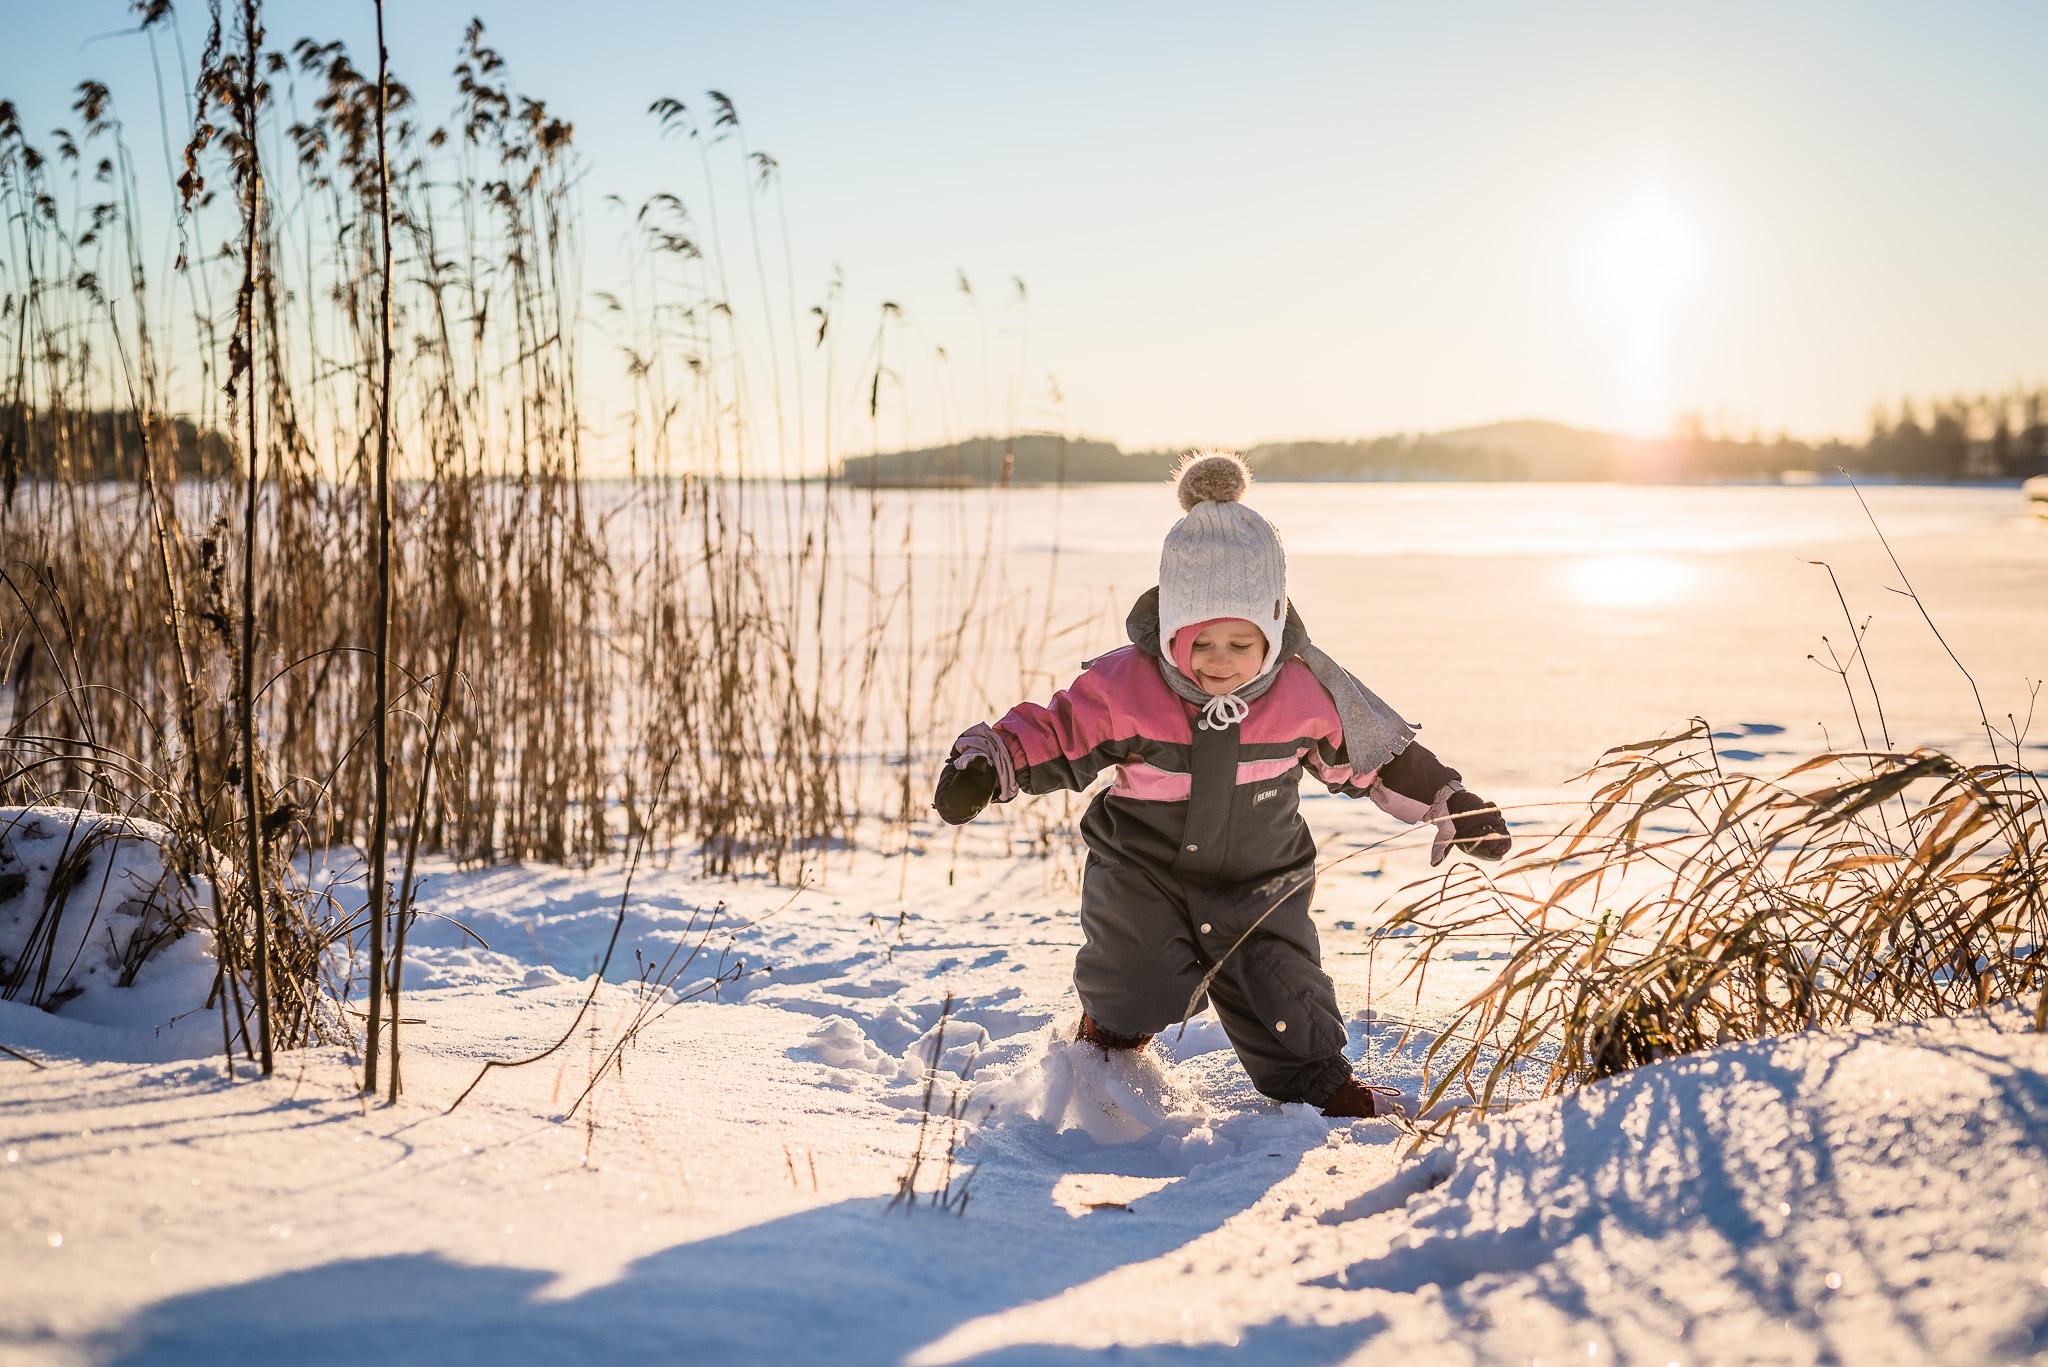 12-06-snow walk-sun-34-Edit-Edit-2_LR edited_FB.jpg